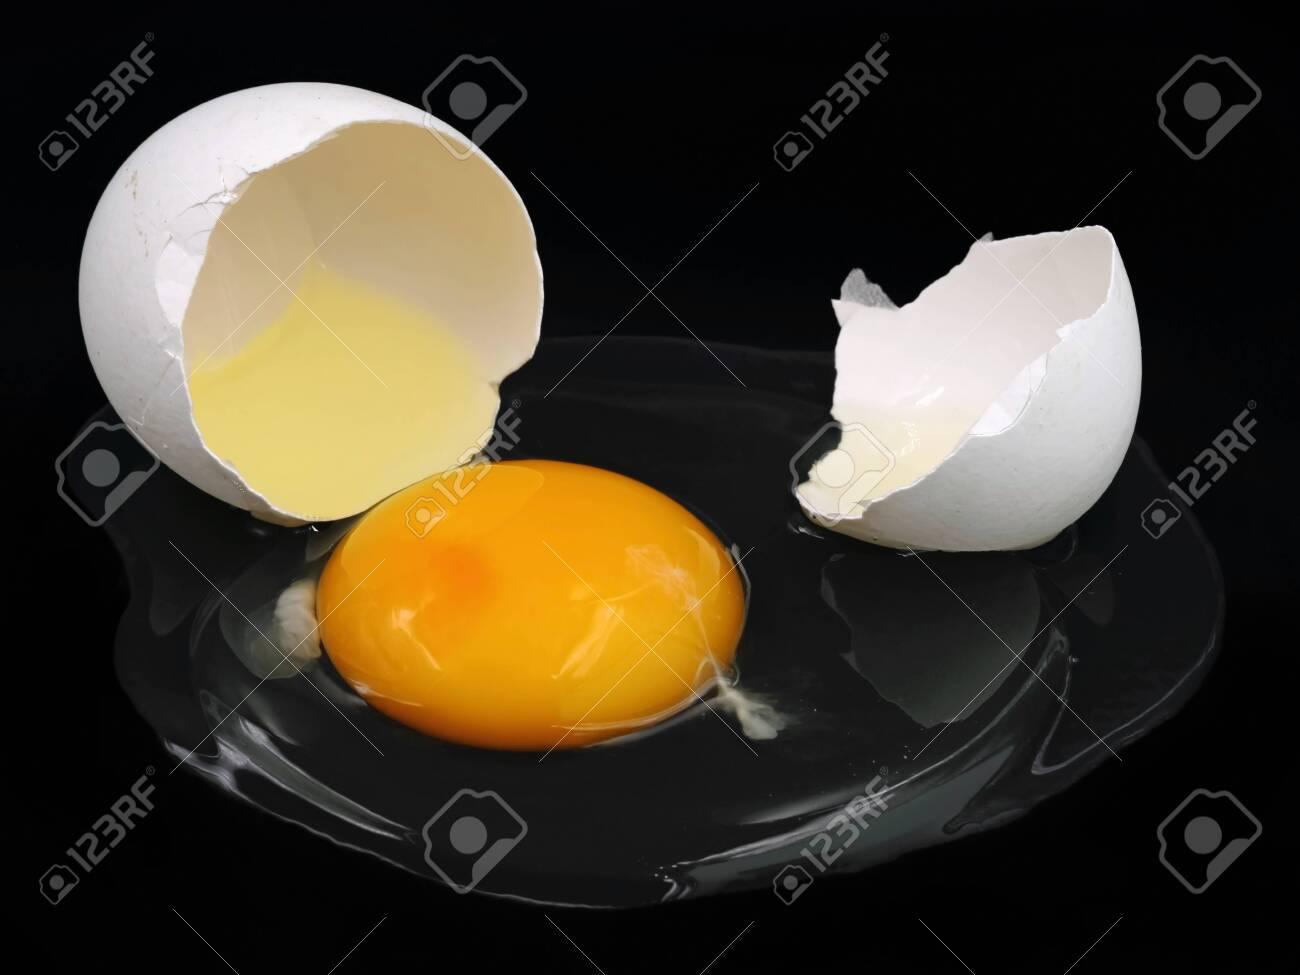 cracked white egg isolated on black background - 143611521